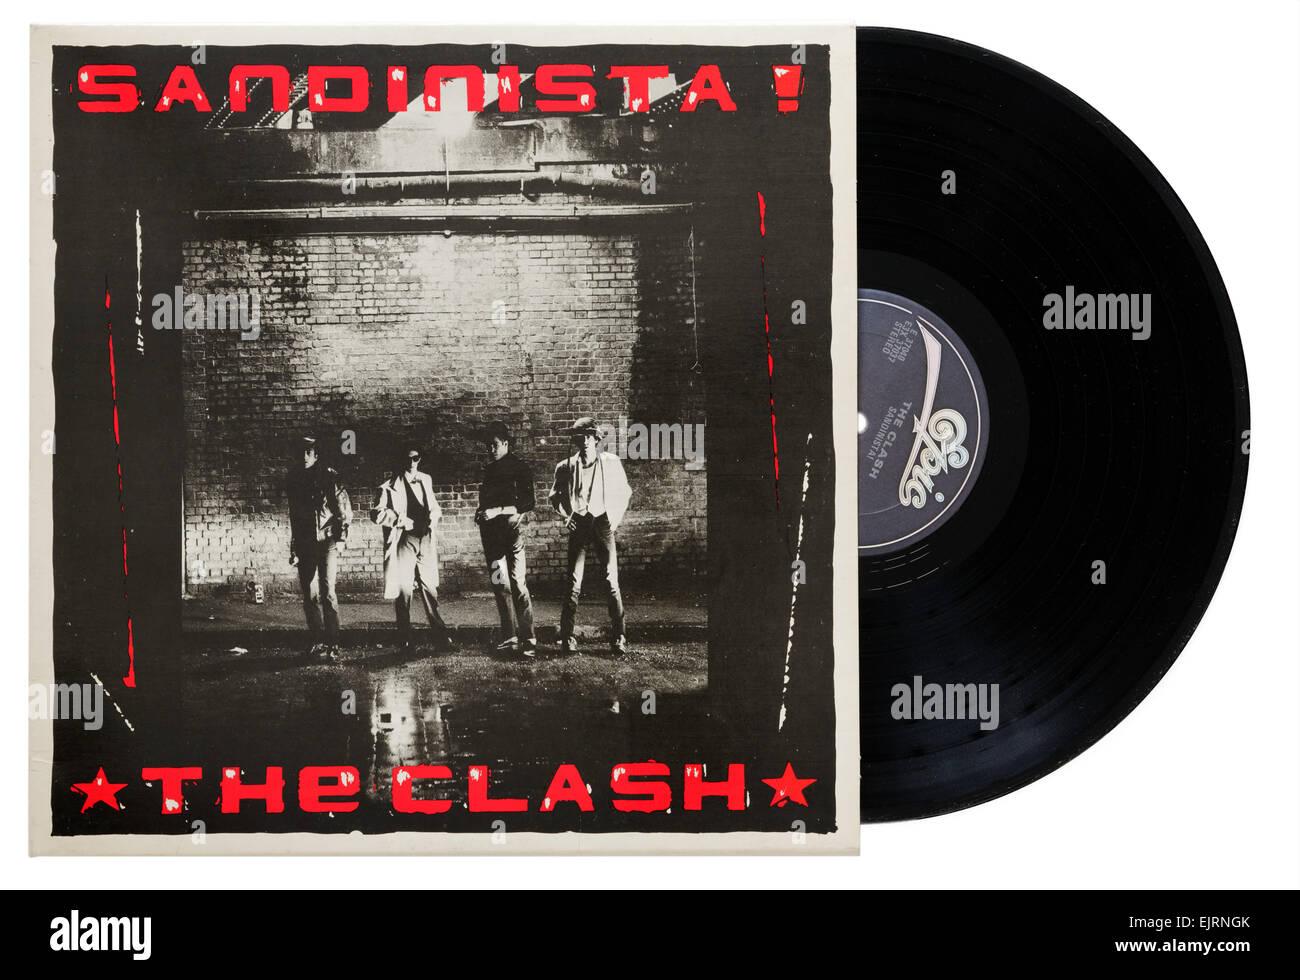 The Clash Sandanista album - Stock Image